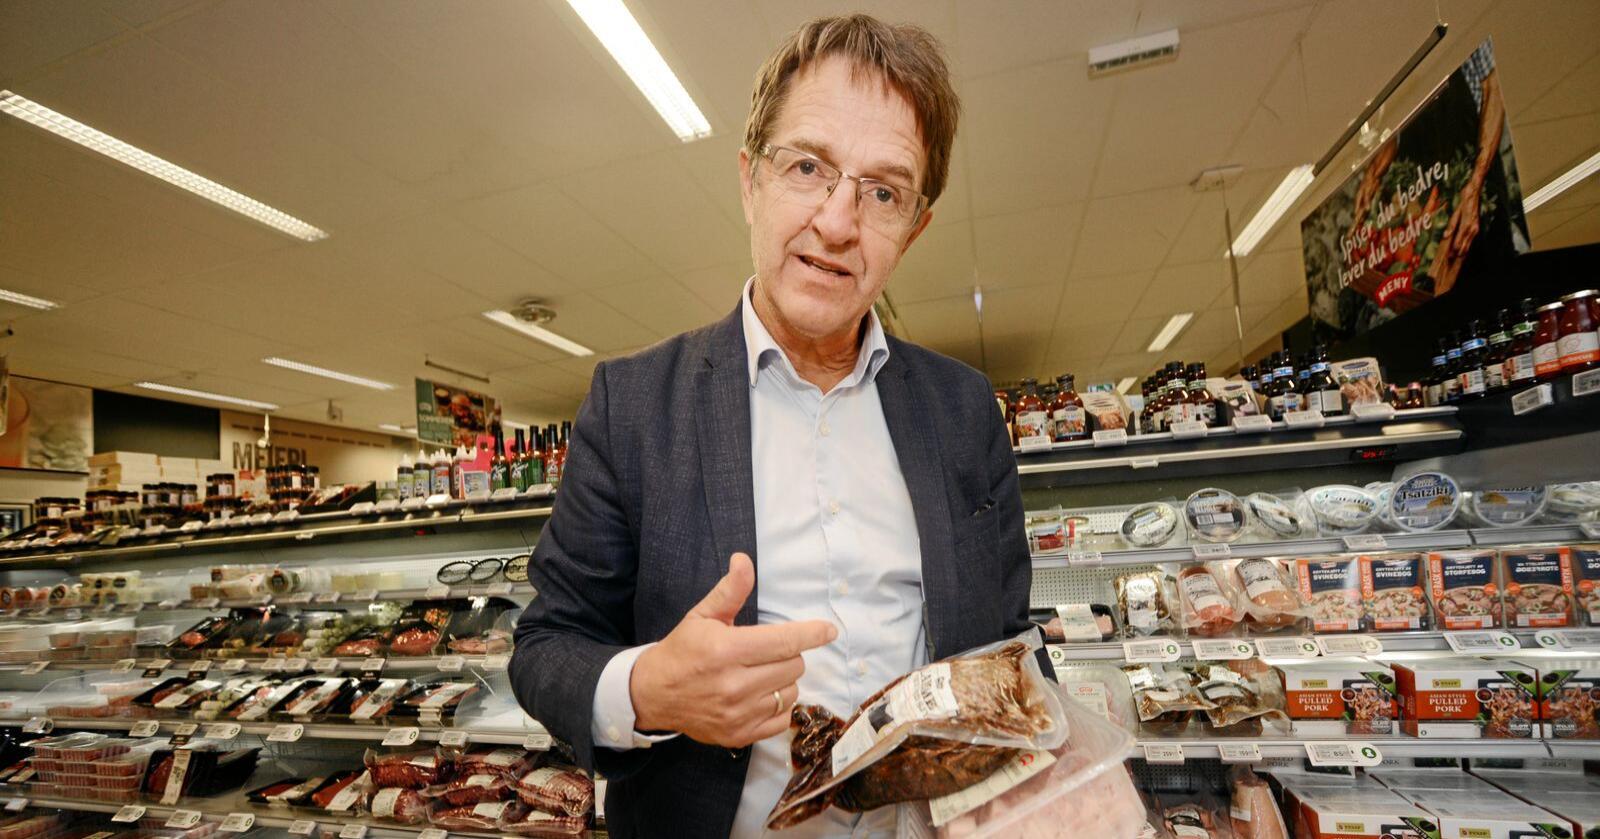 Seniorrådgiver ved Norsk institutt for bioøkonomi (NIBIO), Ivar Pettersen, er bekymret for at kjedene kan bli mindre villige til å forplikte seg på priskonkurranse, etter at Konkurransetilsynet tirsdag varslet om 21 milliarder kroner i gebyrer til  Norgesgruppen, Coop og Rema 1000 for prissamarbeid. Foto: Siri Juell Rasmussen